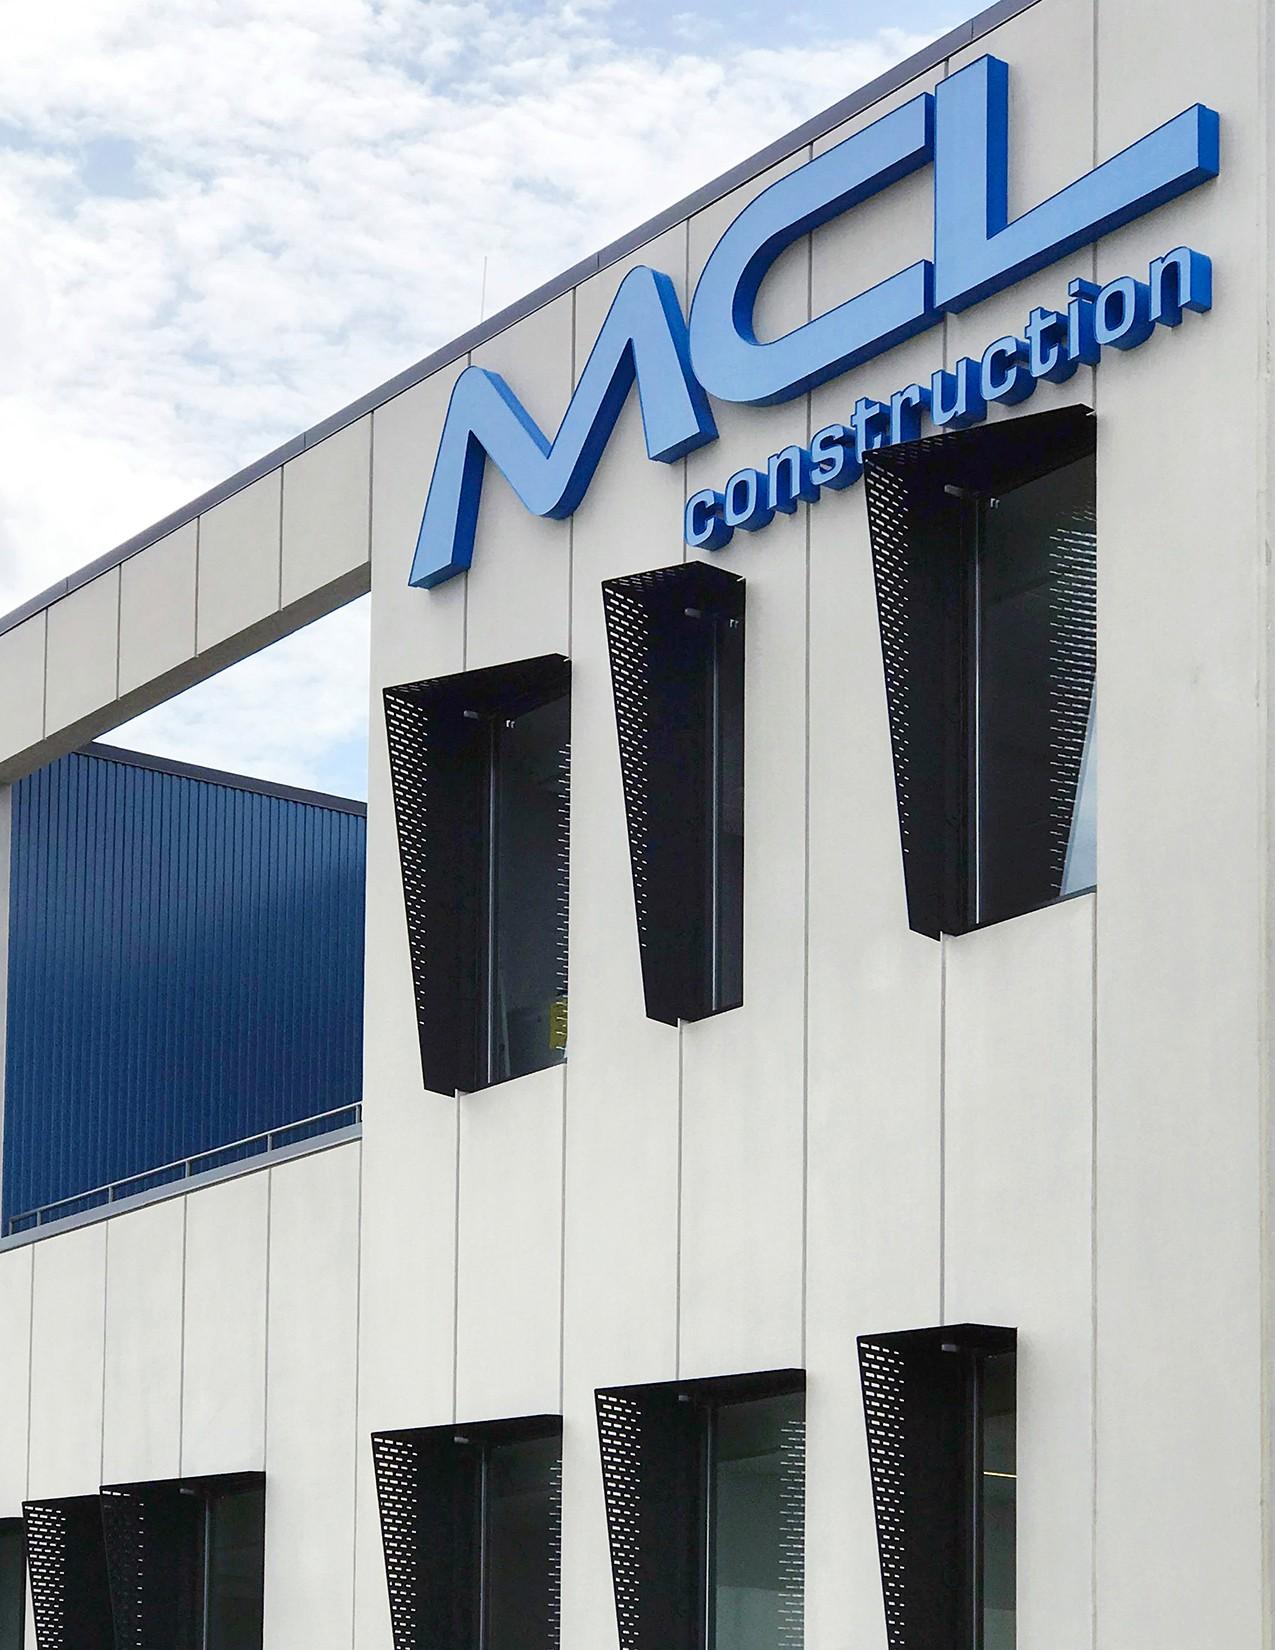 MCL Sunshades